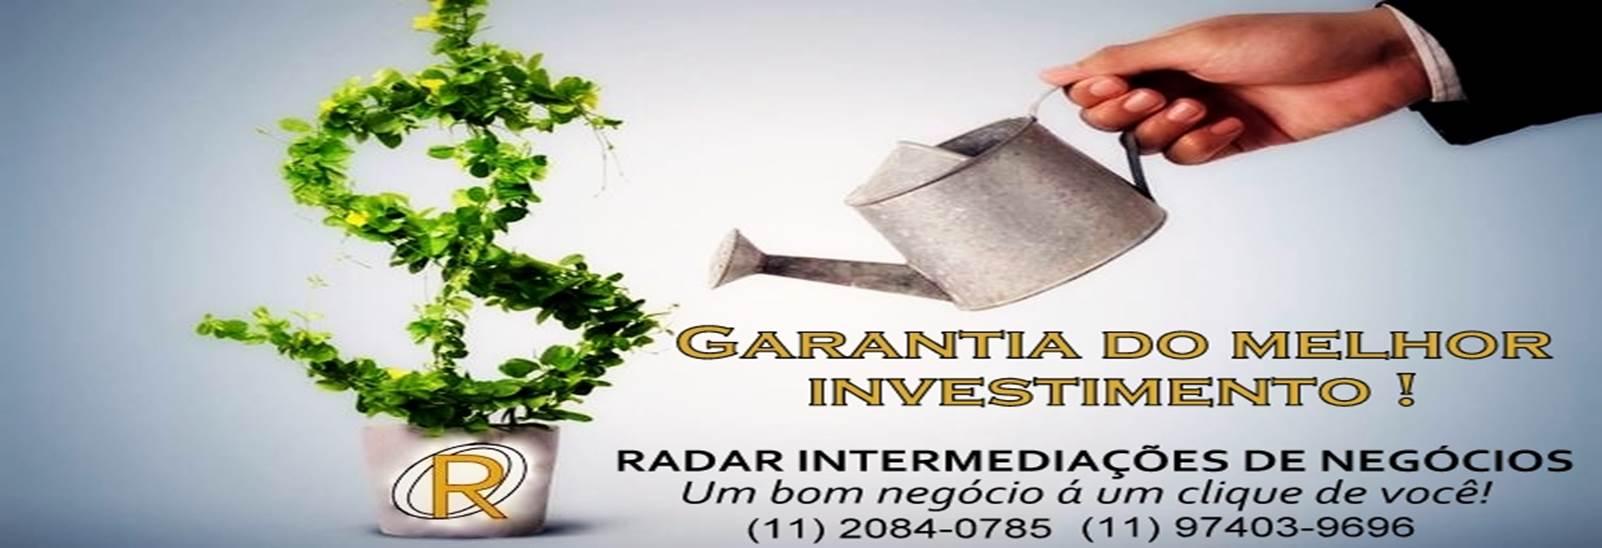 GARANTIA DO MELHOR INVESTIMENTO!